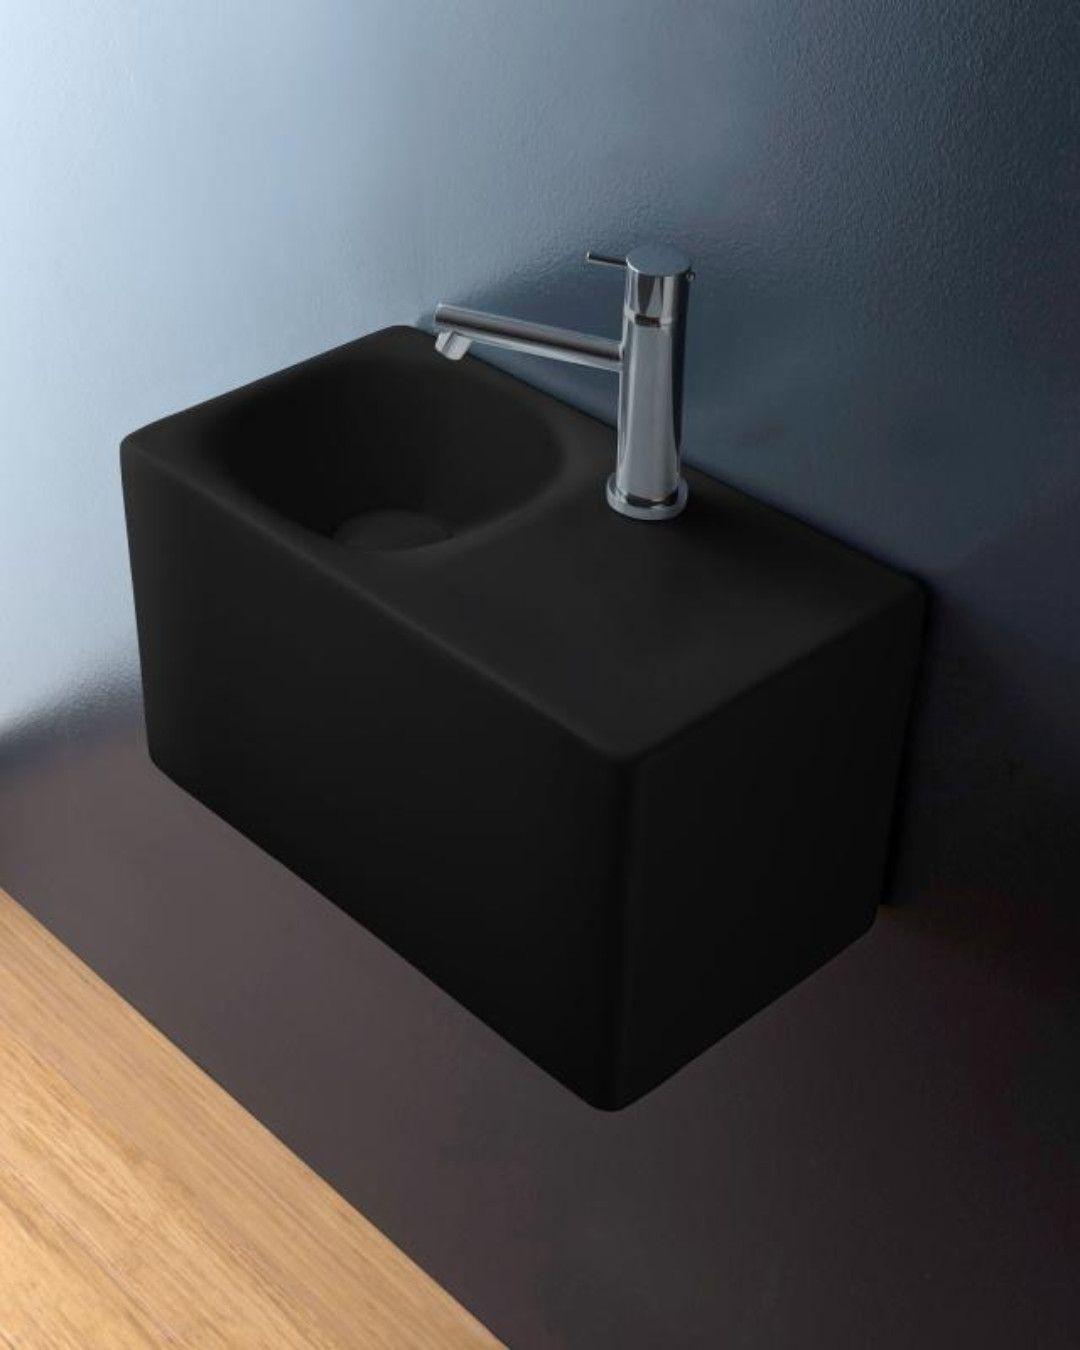 Scarabeo Cube Ein Glatter Quader Mit Gerundeten Kanten Bildet Die Grundform Fur Das Aufsatz Oder Hangewaschbecken Das Waschbecken Schwarz Matt Unterschrank